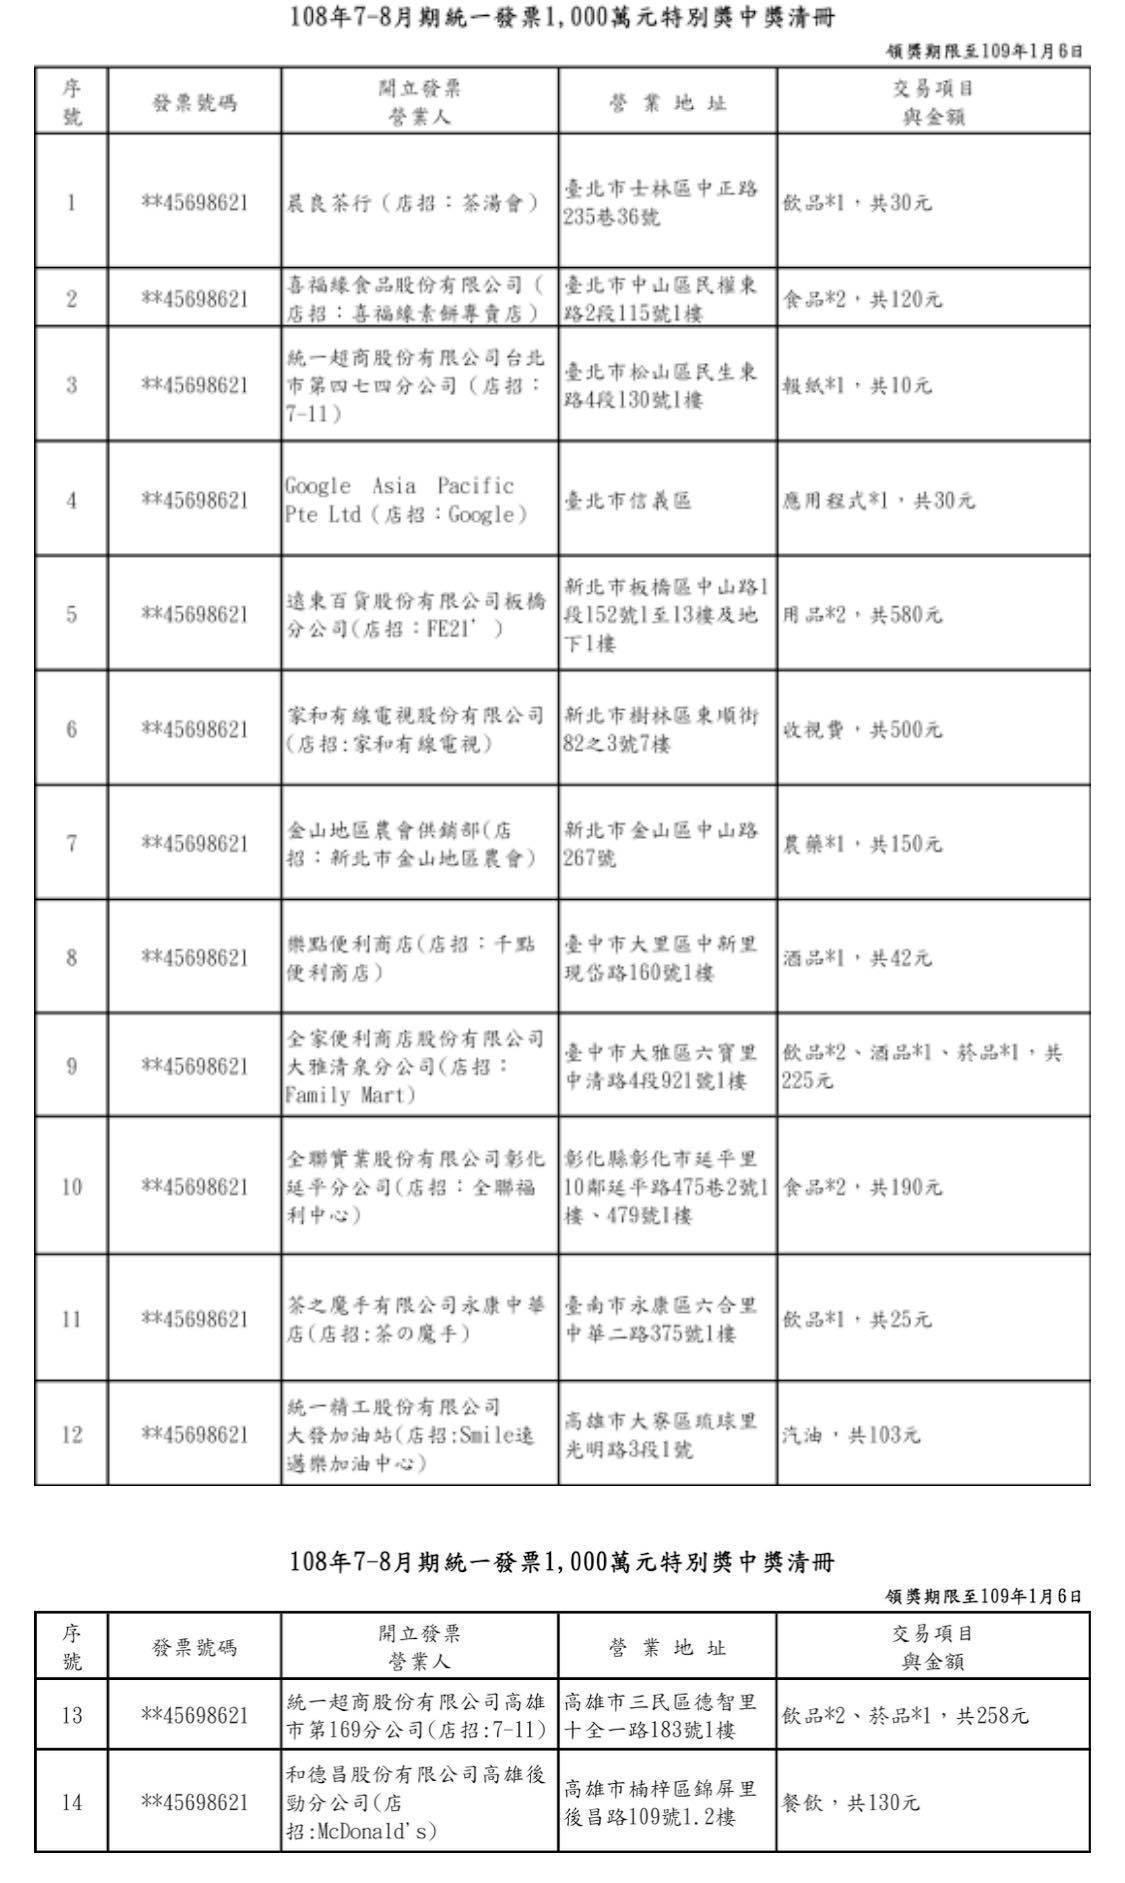 2019年7~8月統一發票「1000萬特別獎中獎清冊」。圖/取自財政部